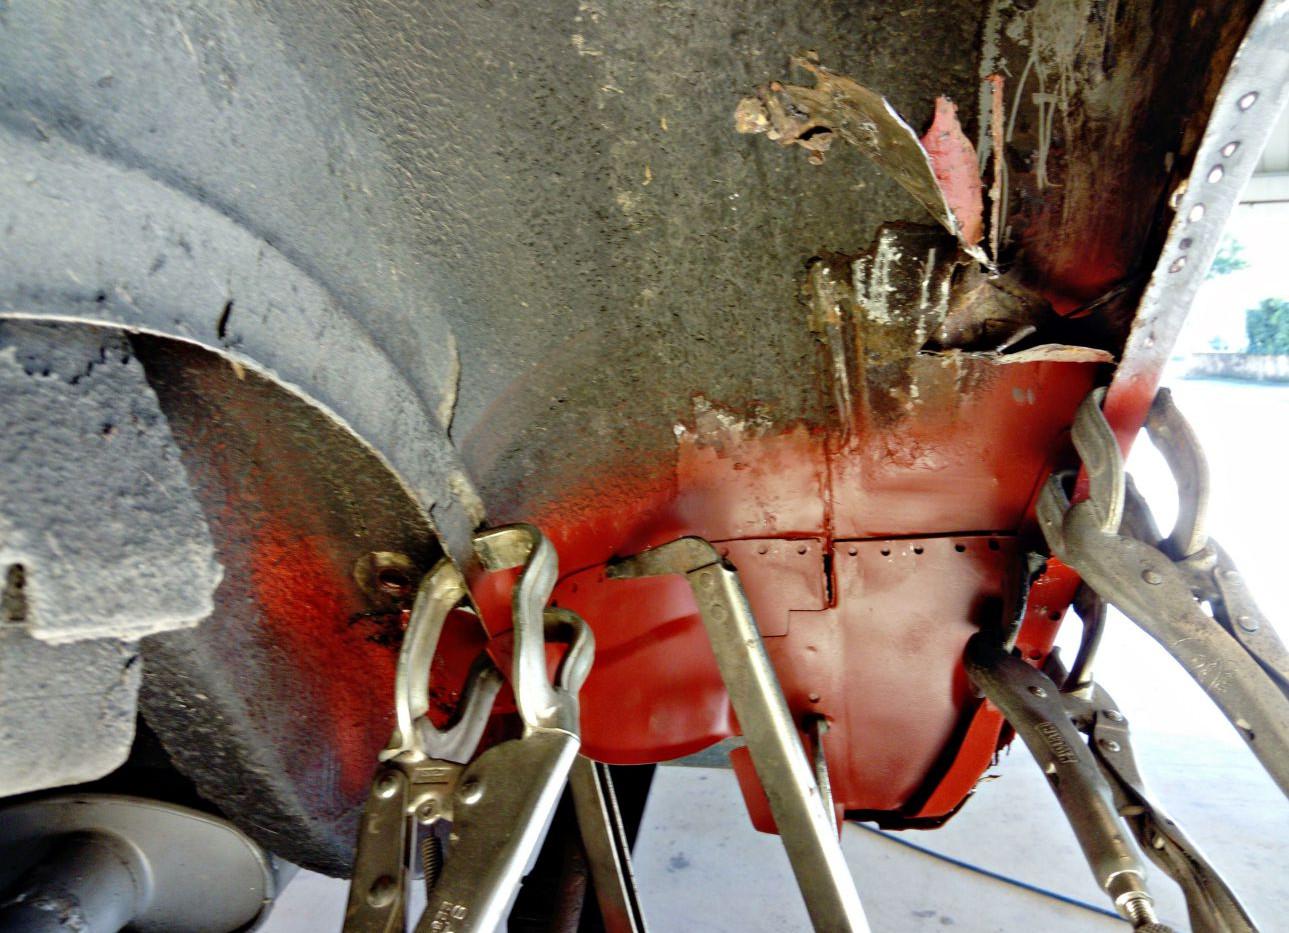 Réparation intérieur d'aile arrière droit - FORD Mustang Fastback